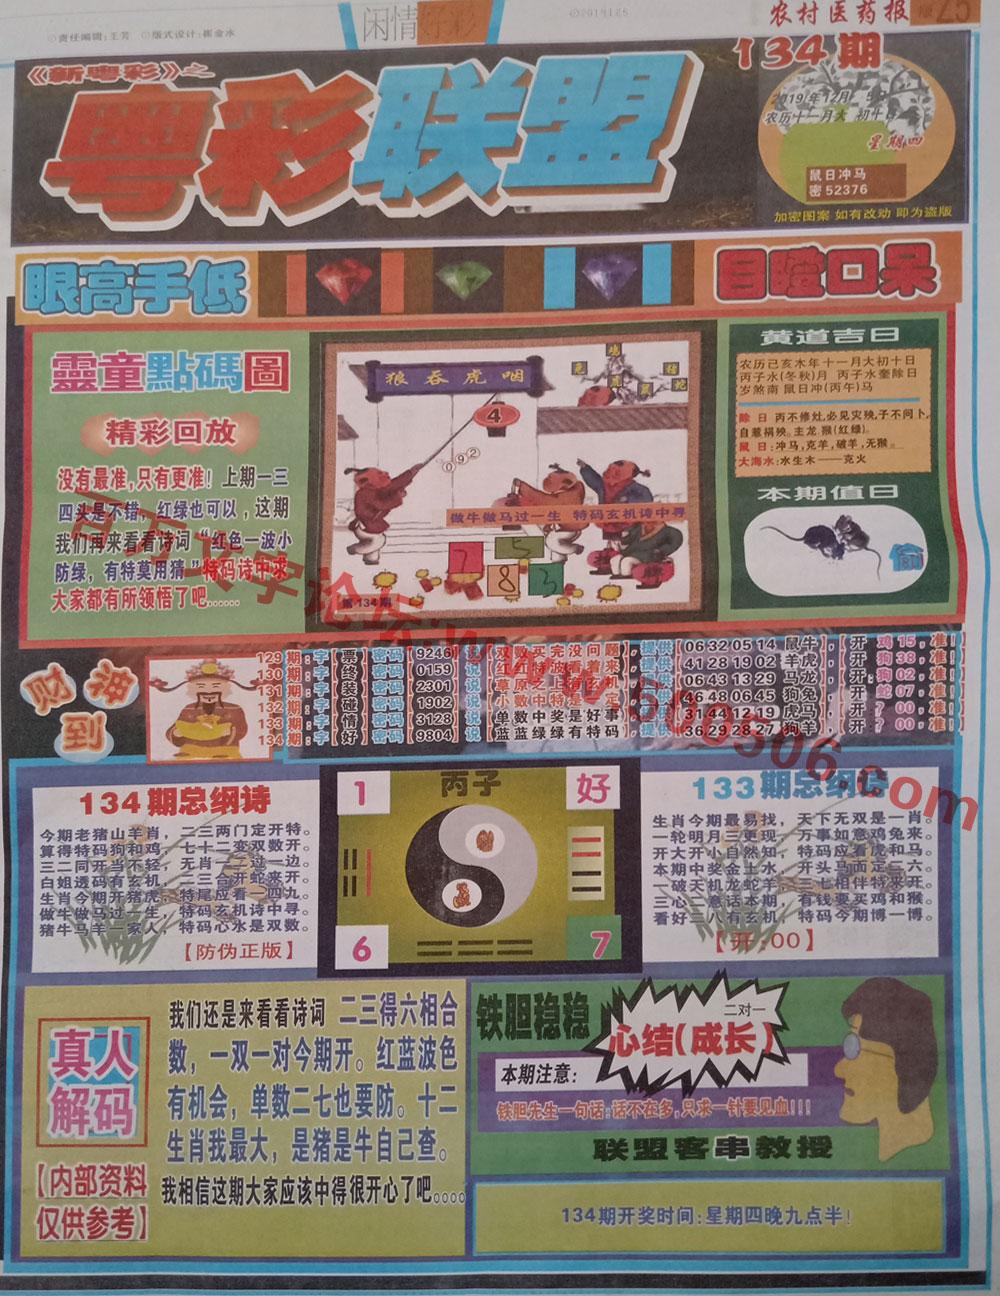 134期:彩民推荐:≮粤彩联盟≯→(博彩必备)